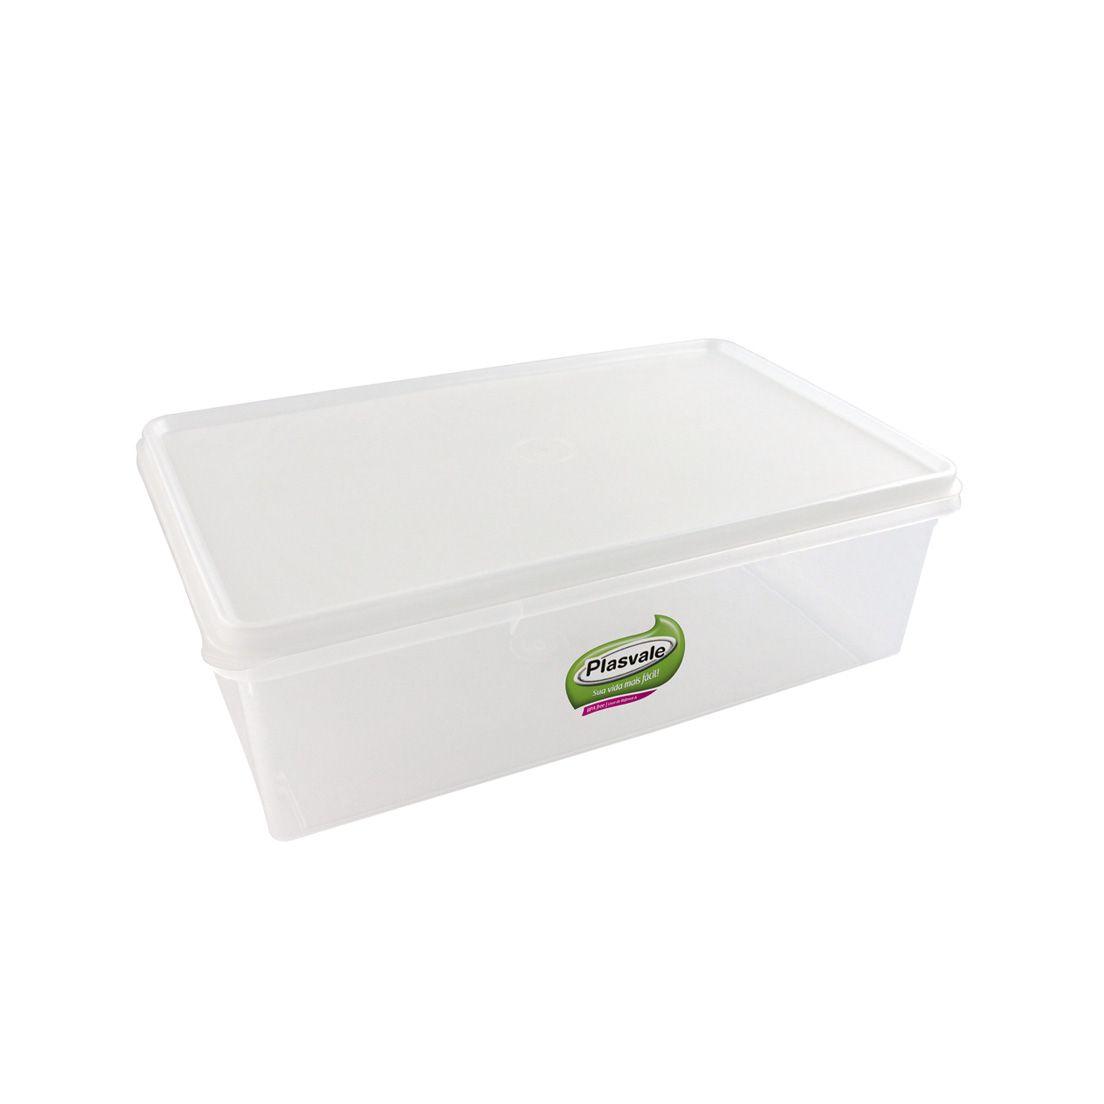 Caixa Organizadora para Freezer e Geladeira de Plástico com Tampa Retangular 11L